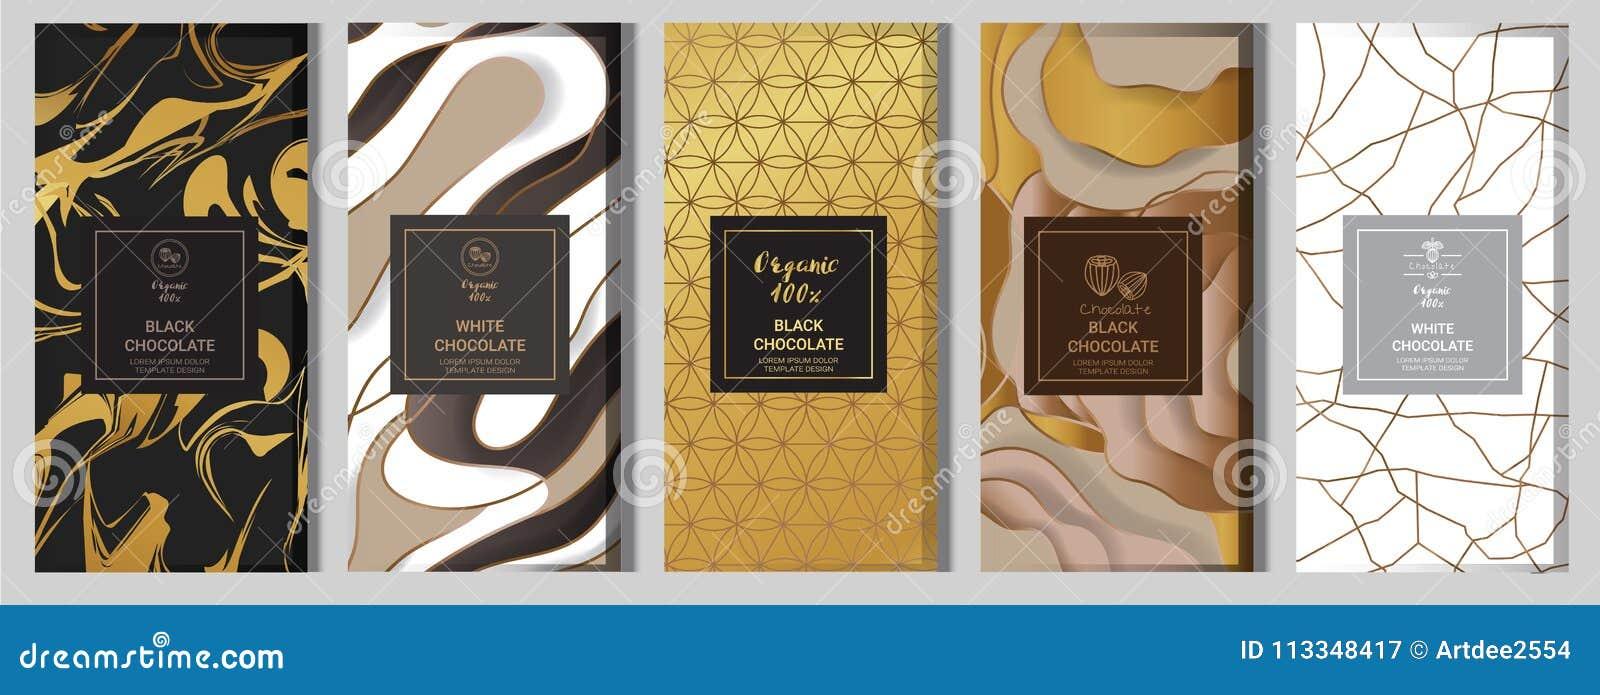 Mofa de empaquetado de la barra de chocolate instalada elementos, etiquetas, icono, marcos